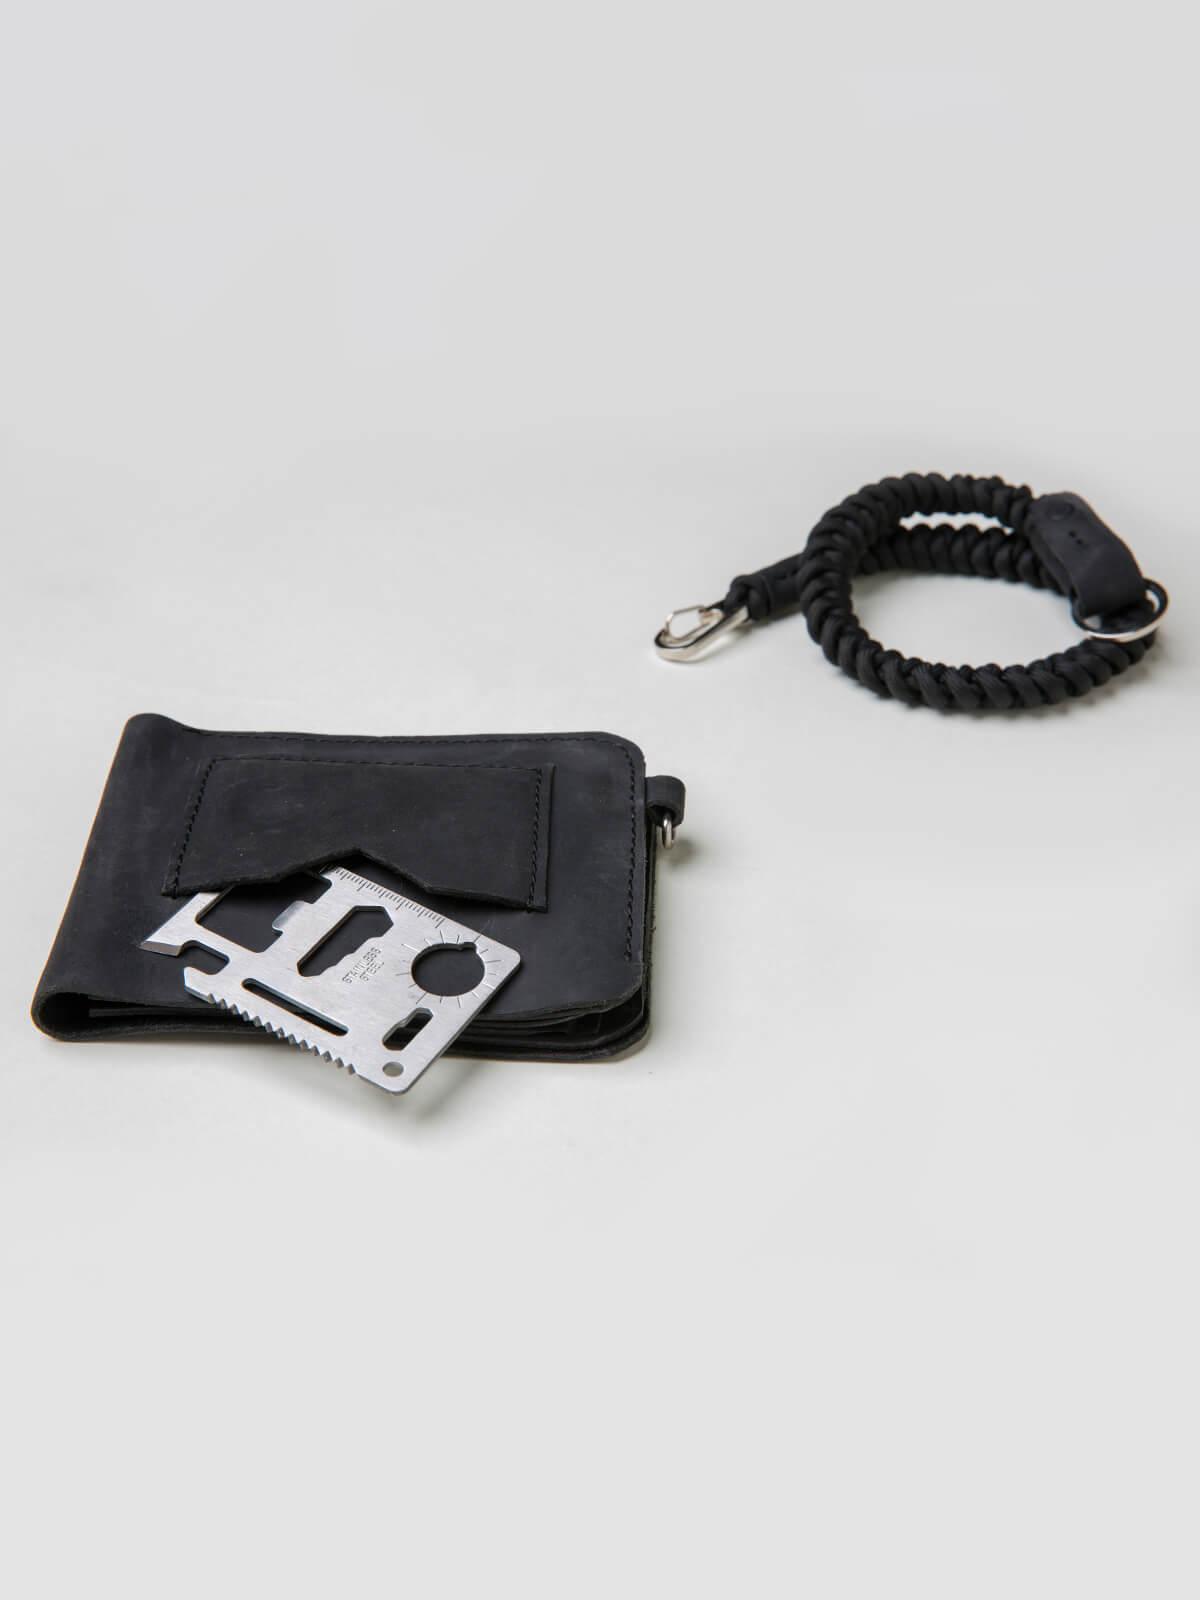 Wallet Roundel. Color black. 2.